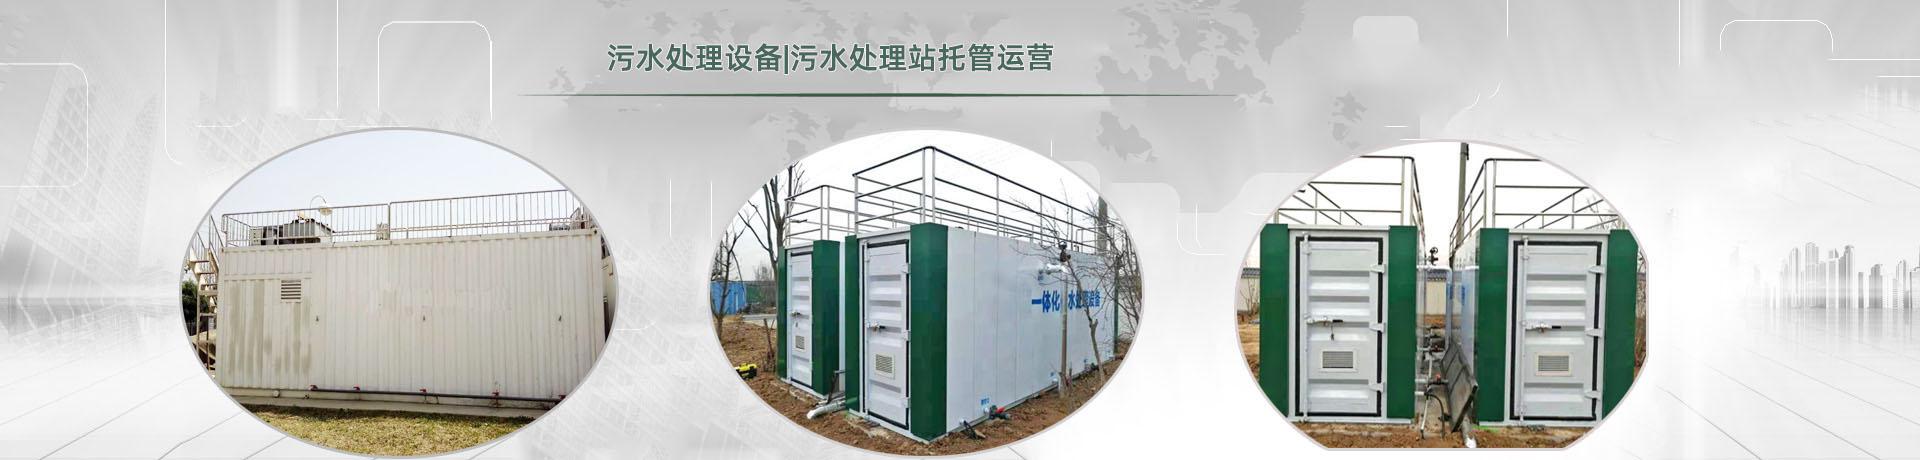 污水处理站托管运营,环境突发应急预案,排污许可